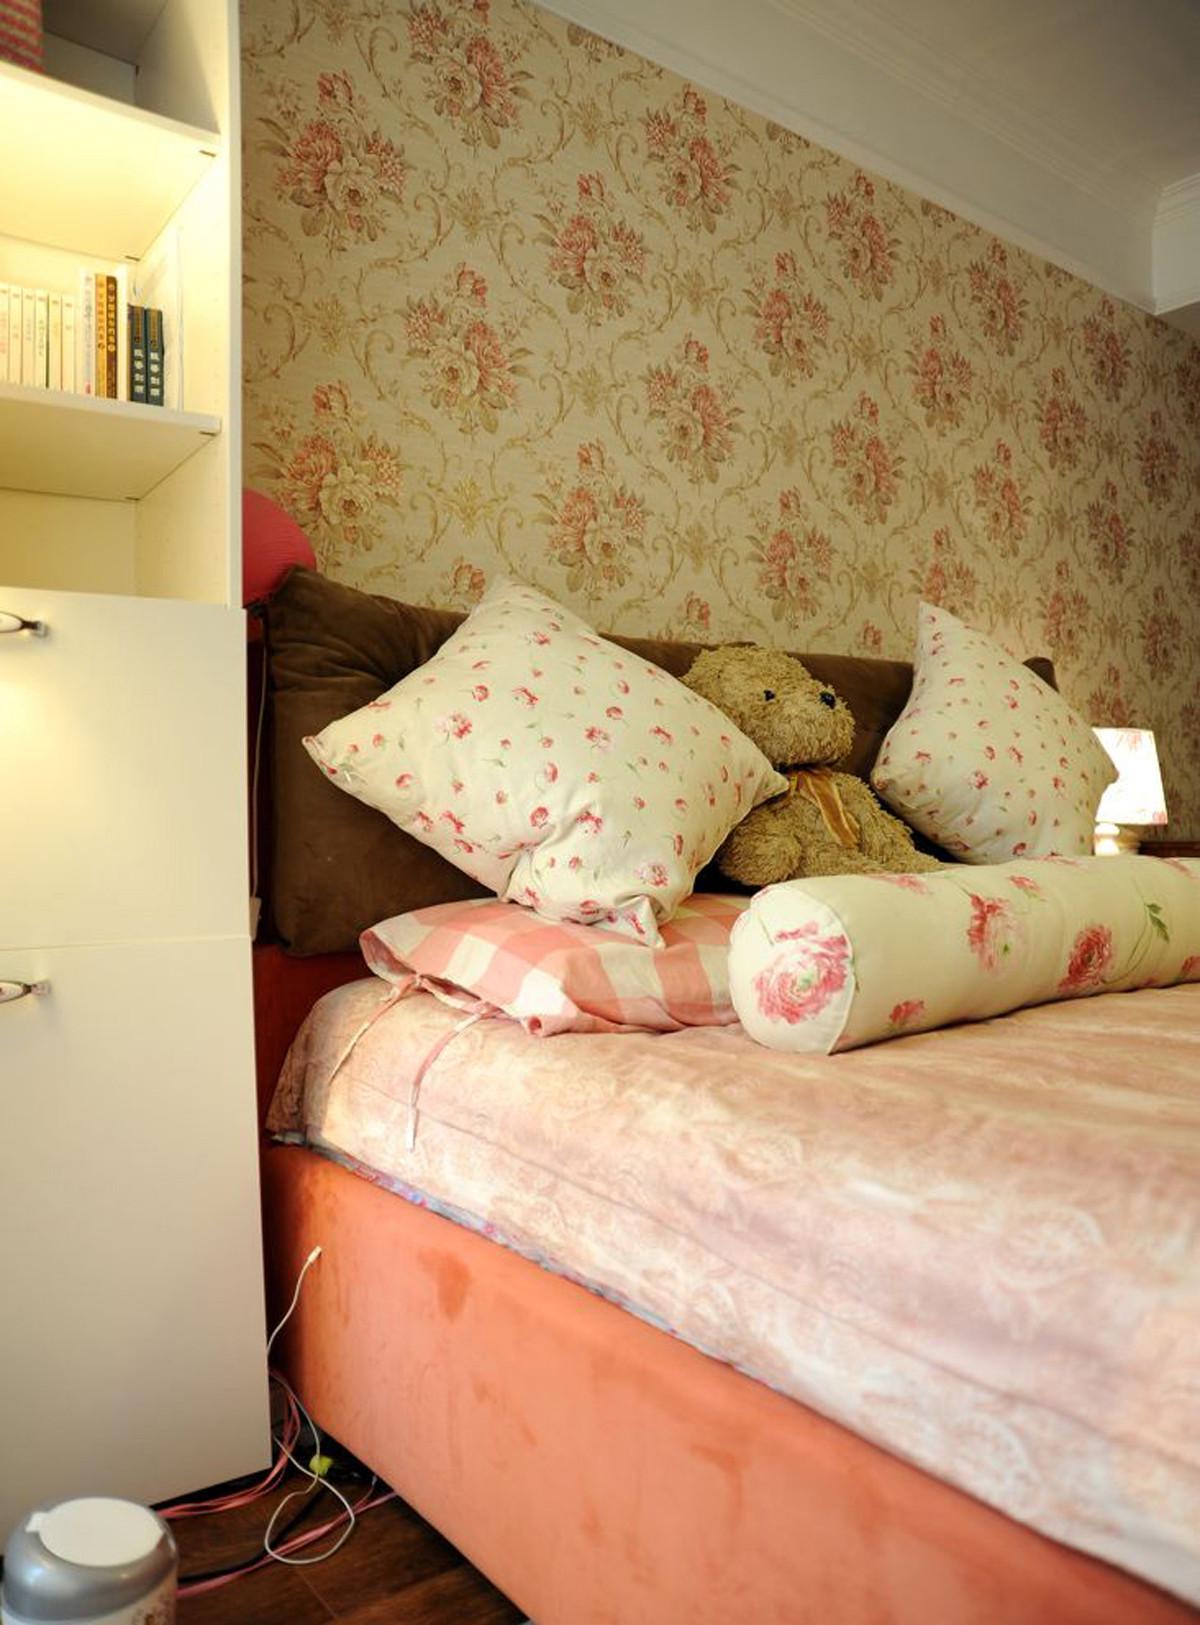 时尚现代简约风格卧室床头书架设计效果图